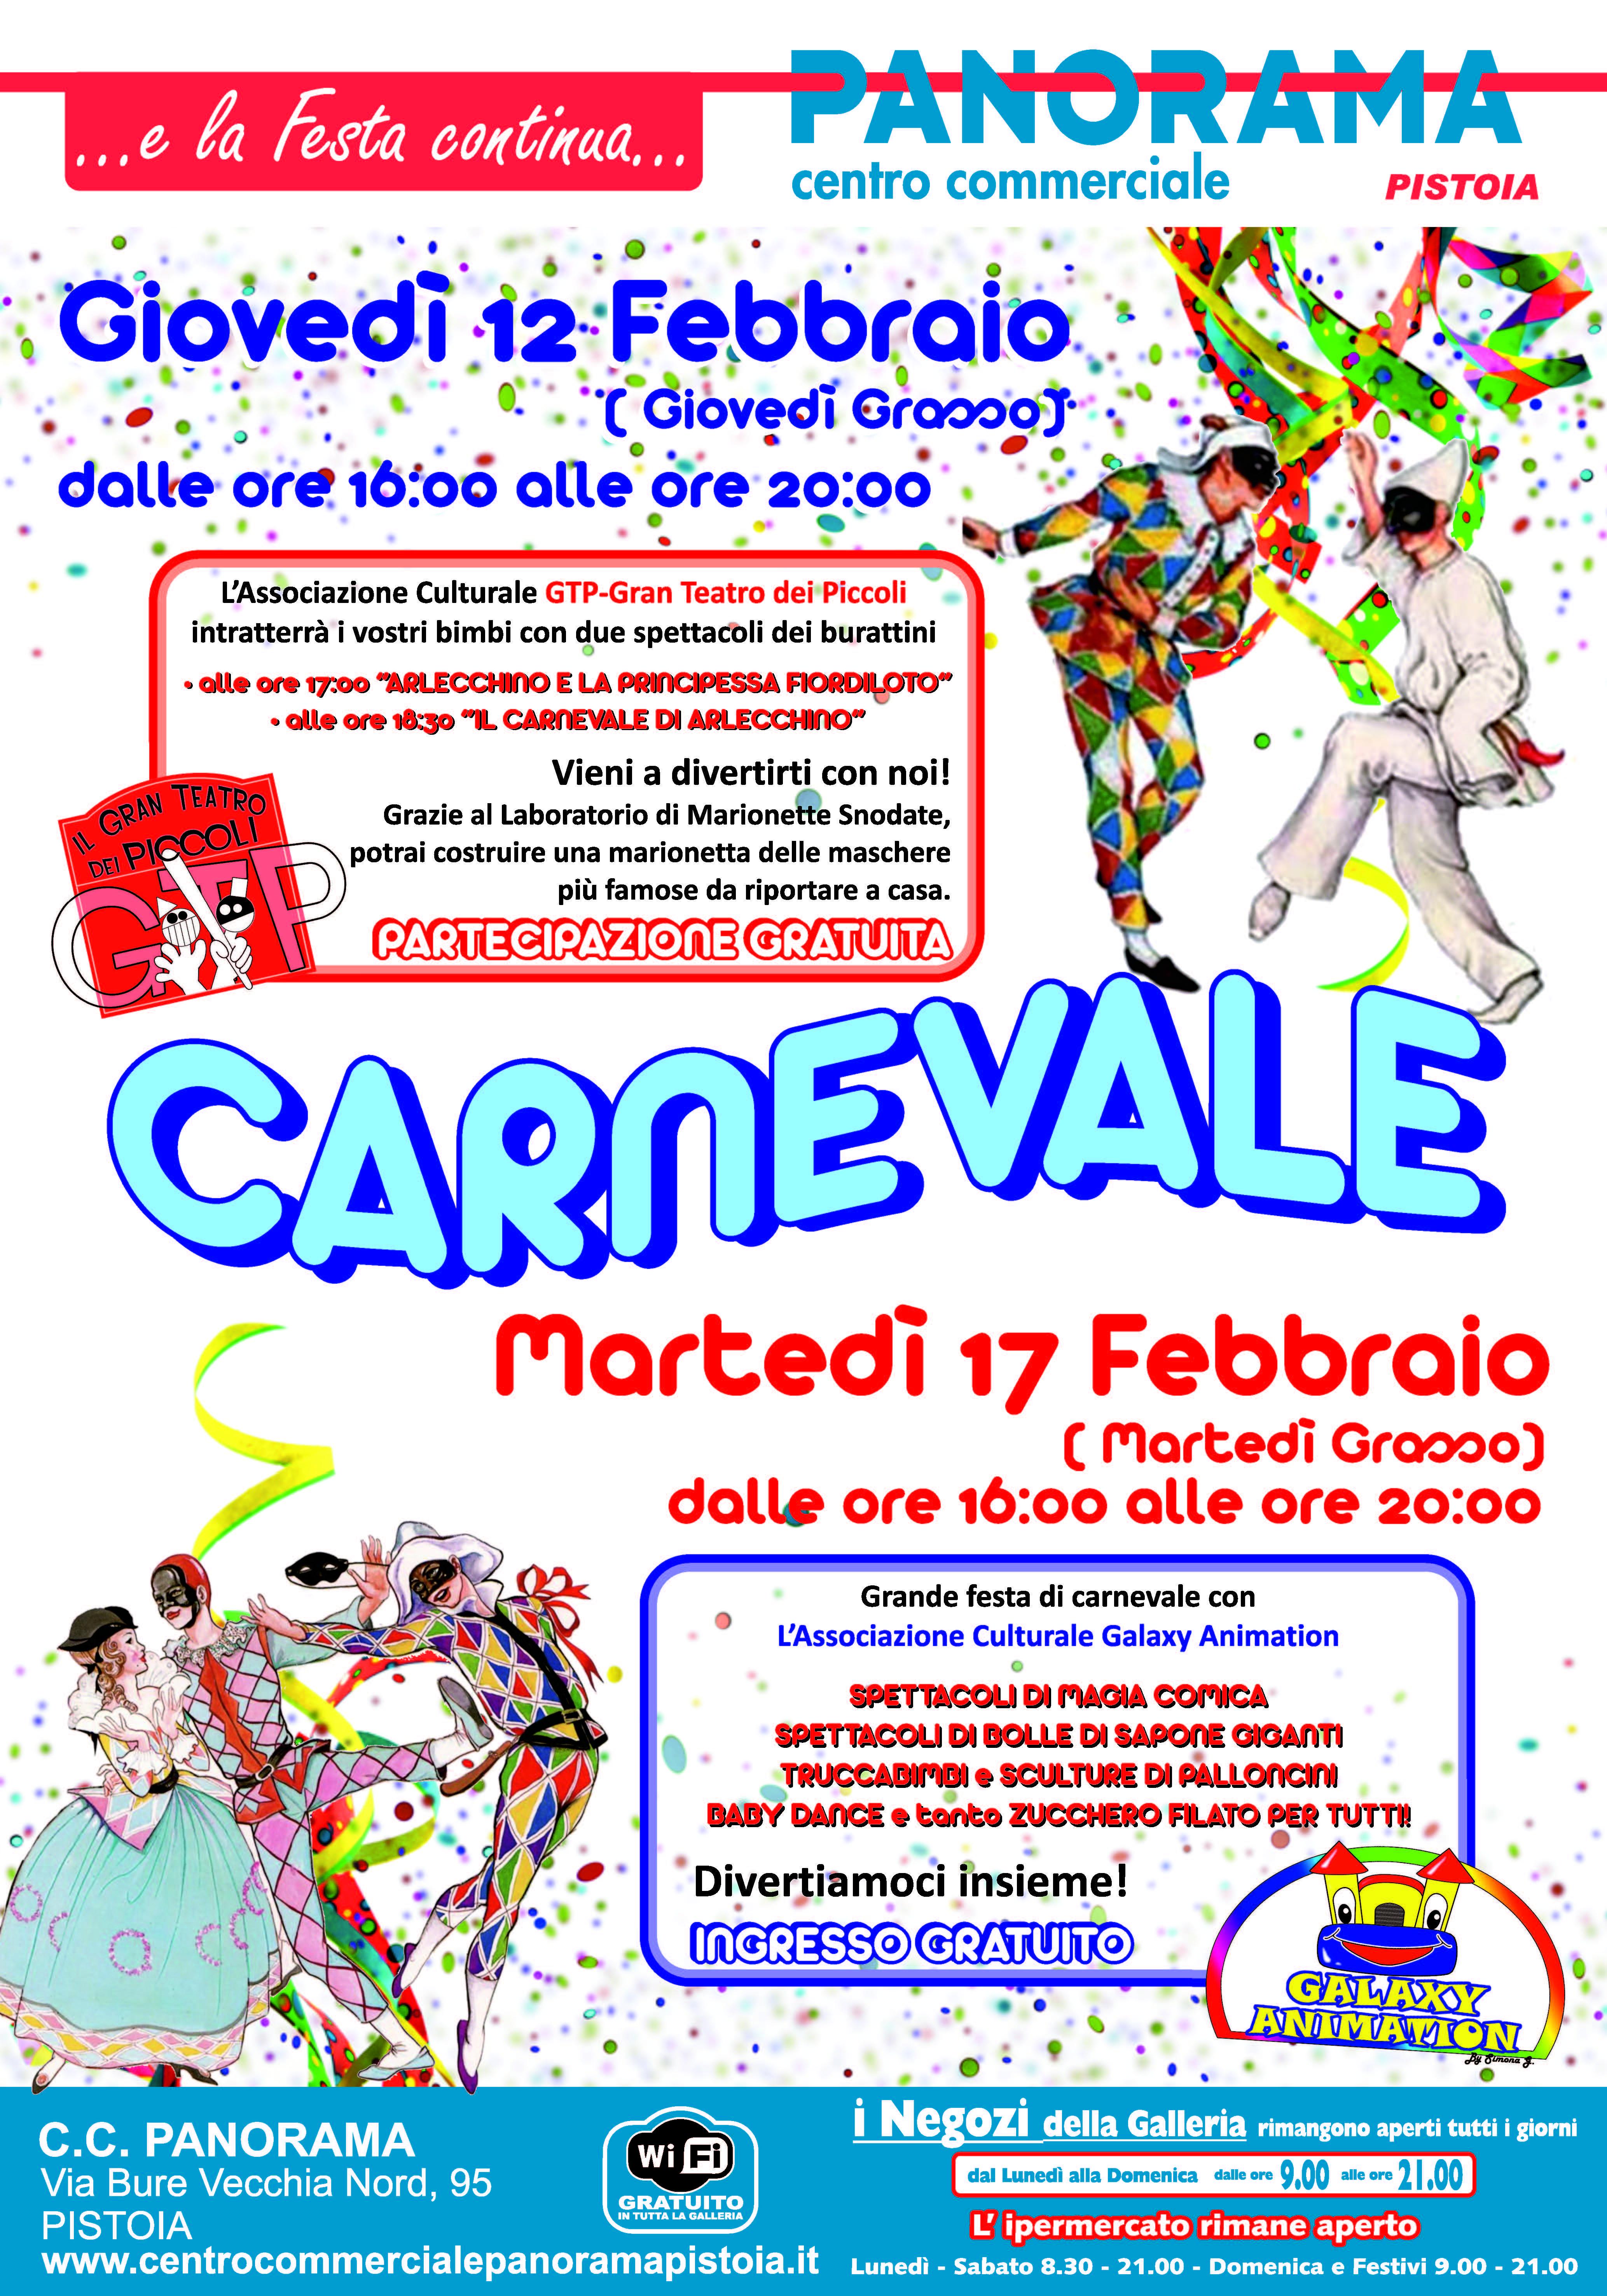 Panorama Manifesto Carnevale 2015 70x100